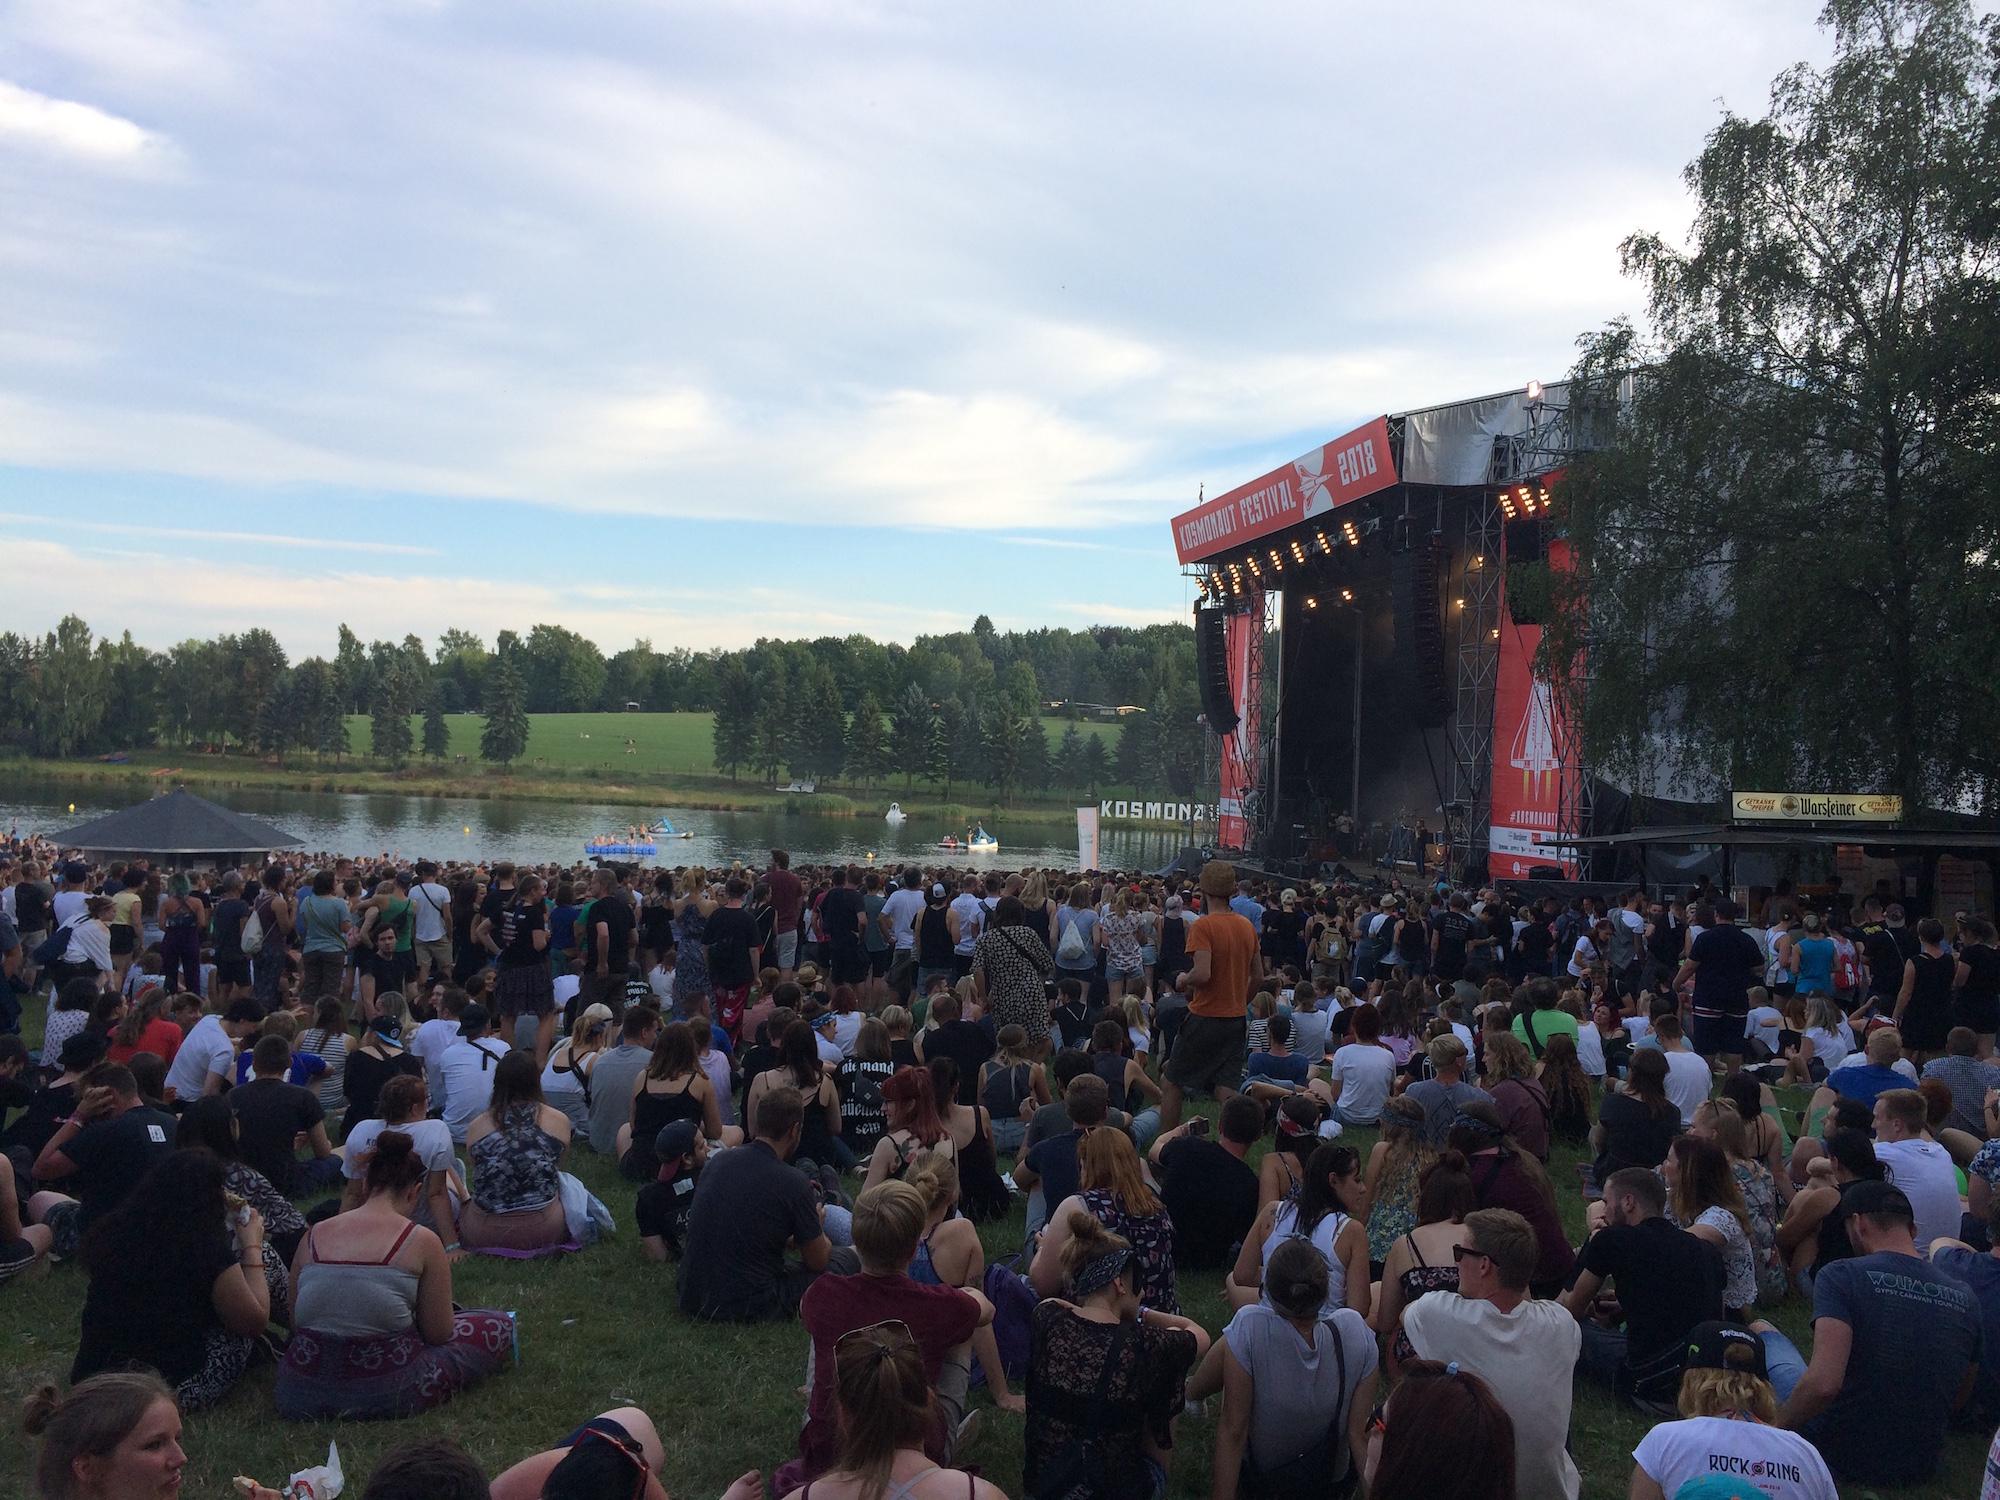 Hauptbühne Kosmonaut Festival 2018 mit See